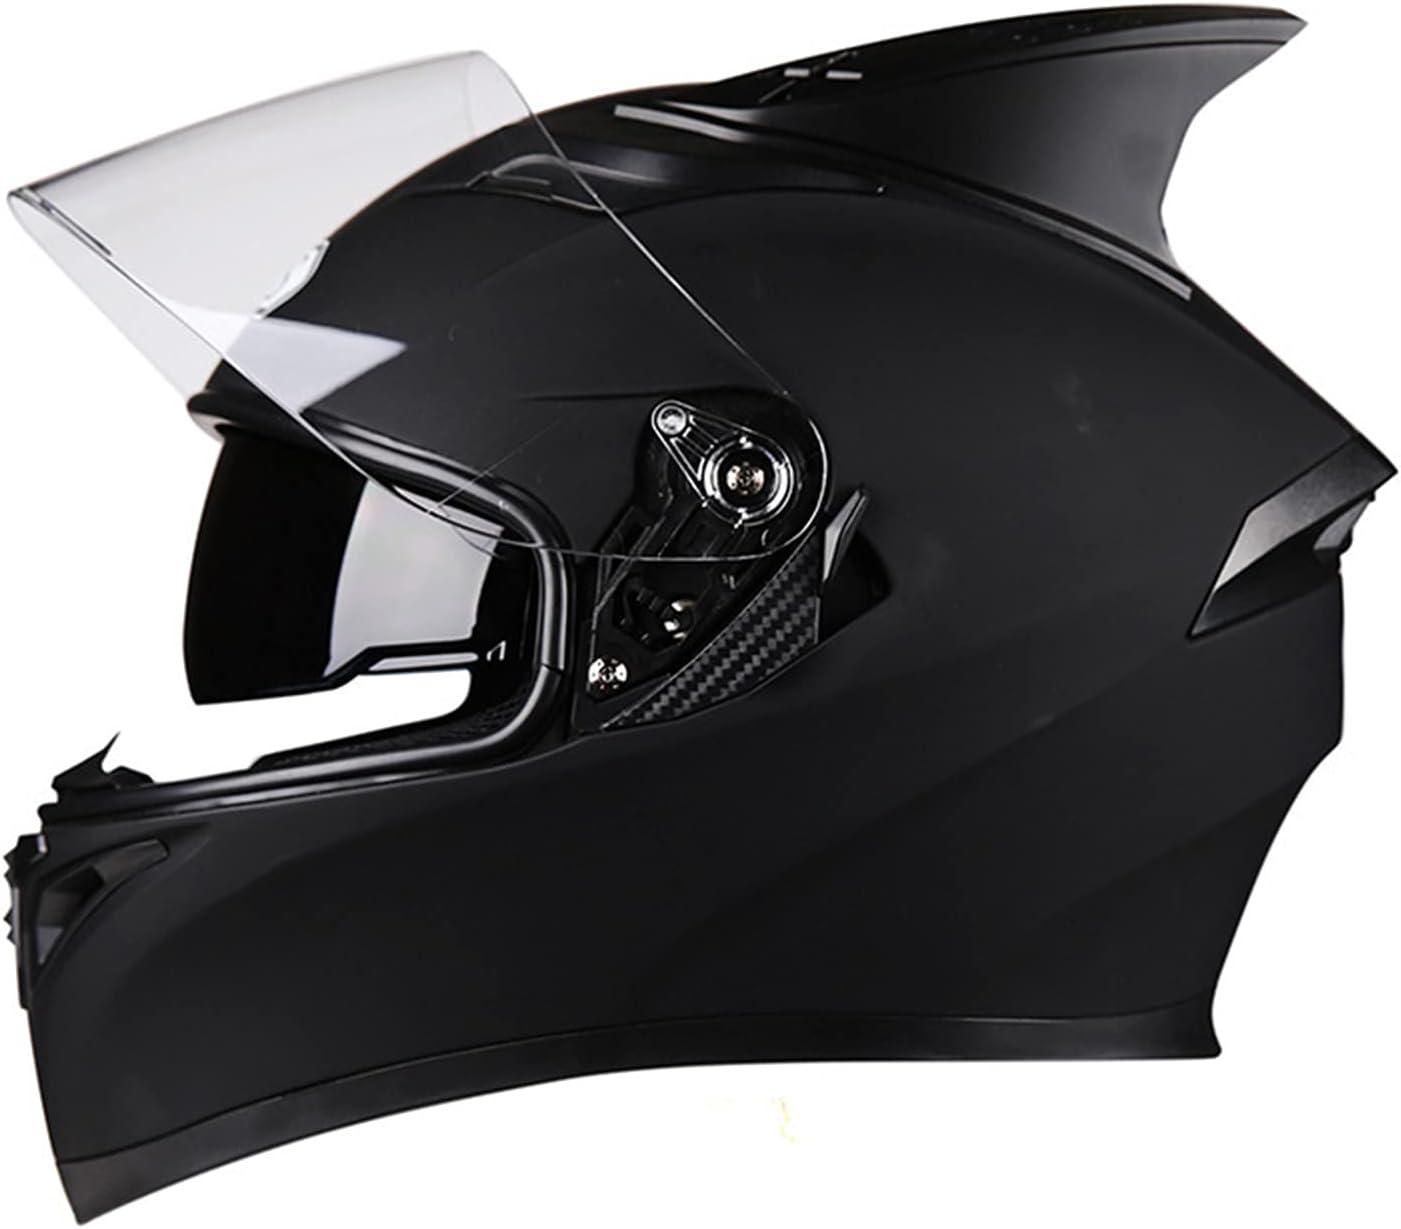 SDKUing Double Visor Full Face Motorcycle DOT price M Approved mart Helmet